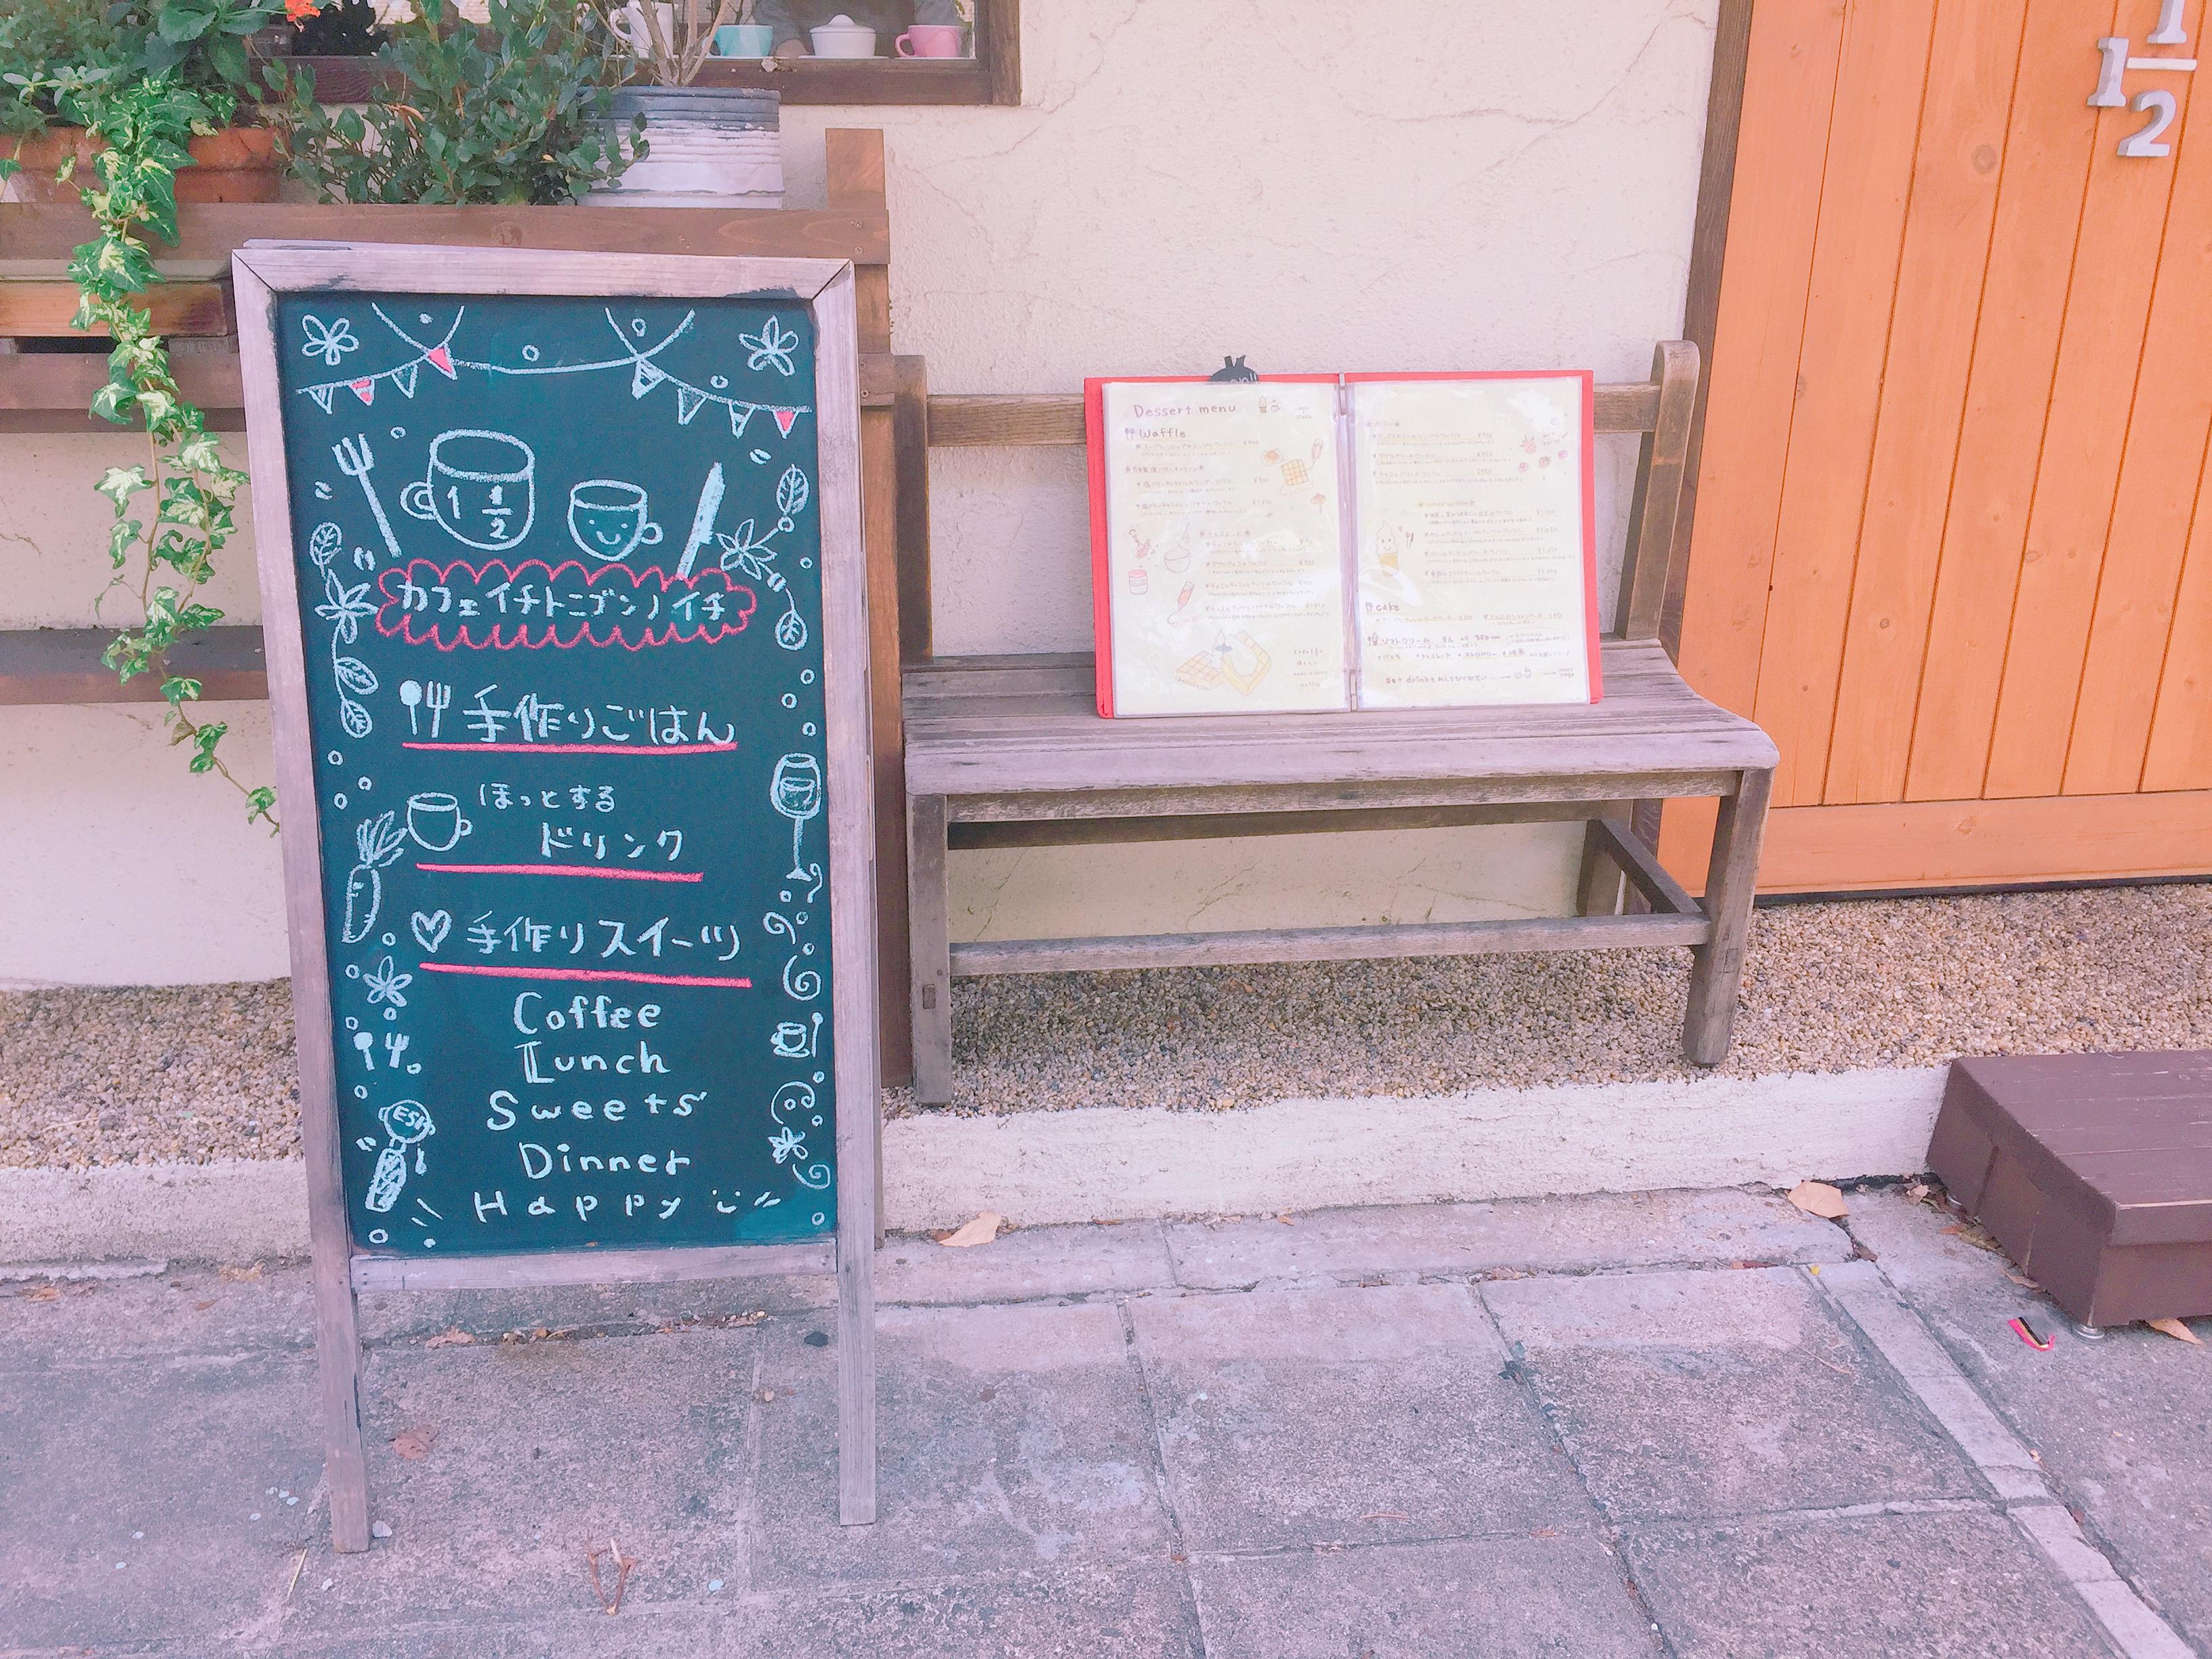 上前津のかわいすぎる小さなカフェ「カフェ イチトニブンノイチ」に行ってきた - IMG 6626